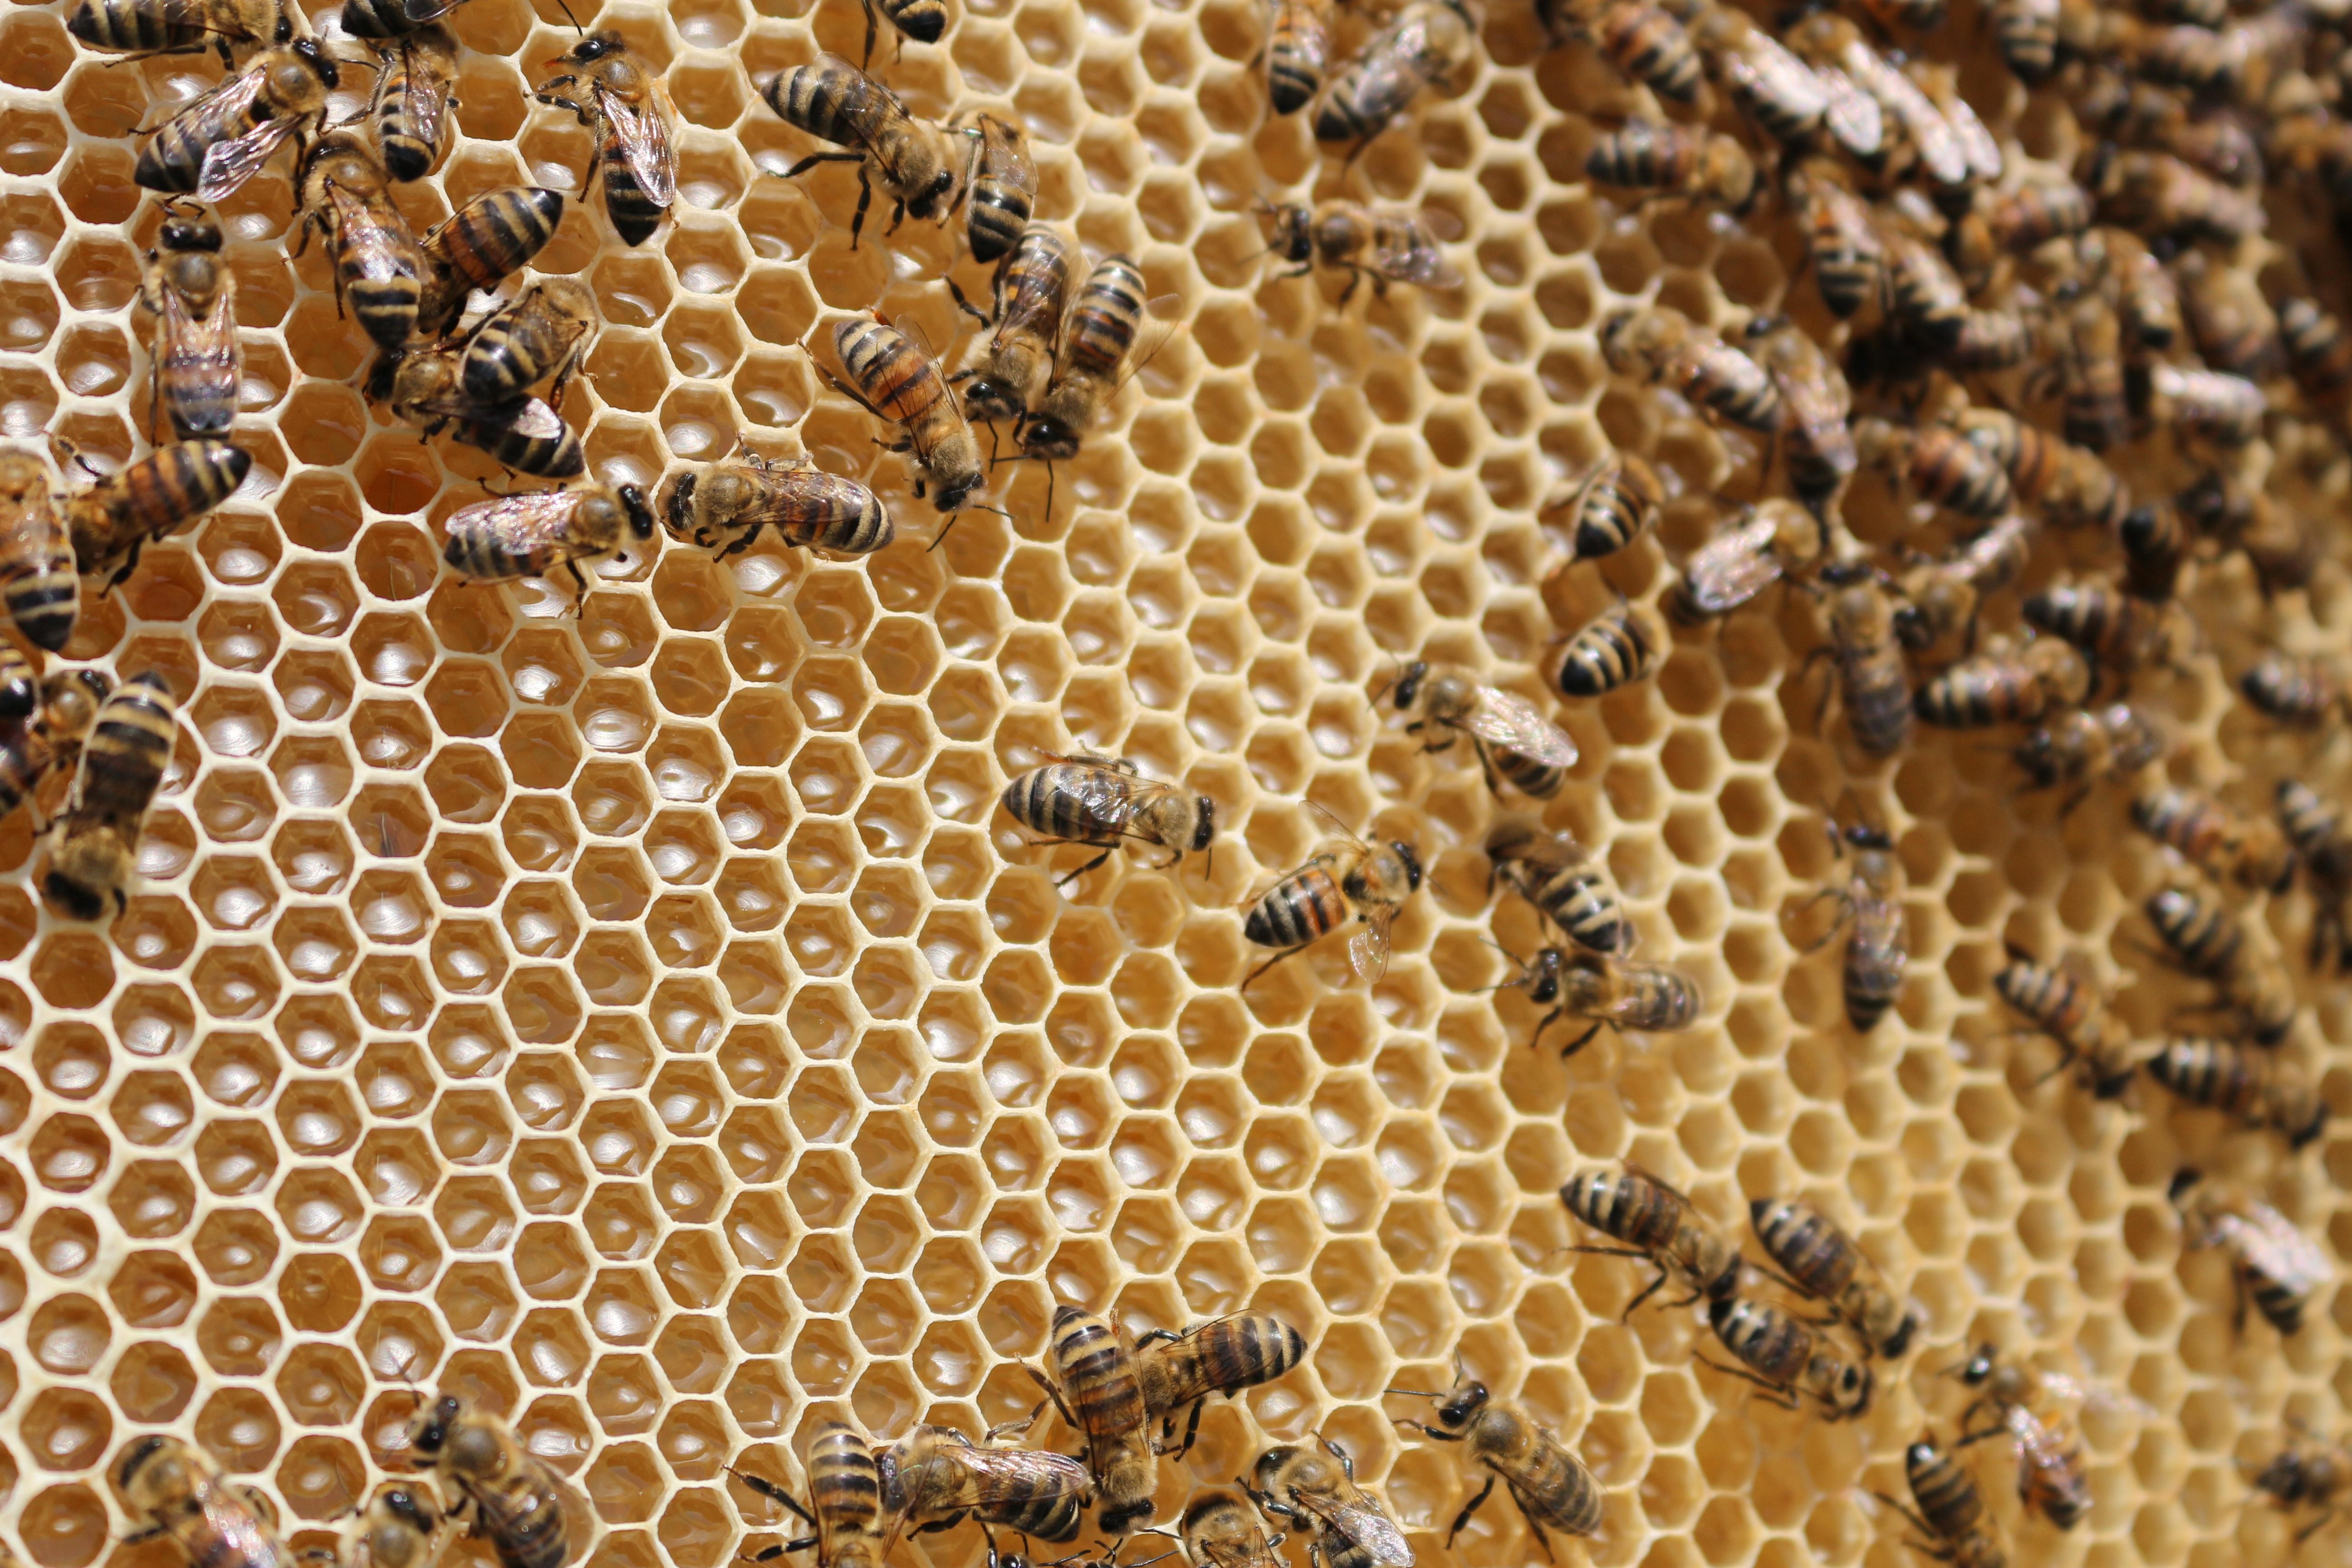 идеальны картинка соты с пчелами для бритья, хотите